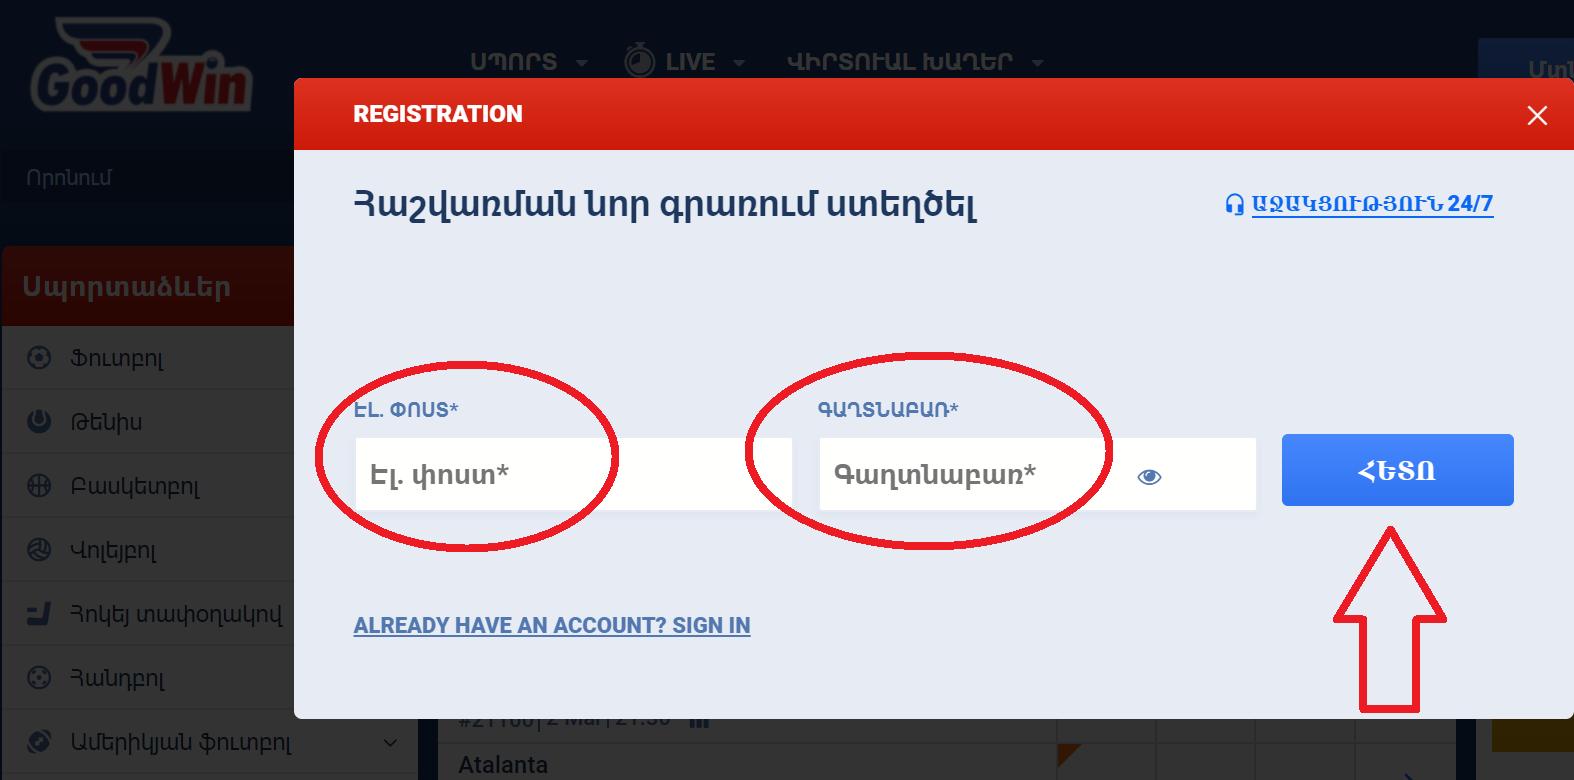 Goodwinbet հաշիվ ստեղծել բուքմեյքերի պաշտոնական կայքում